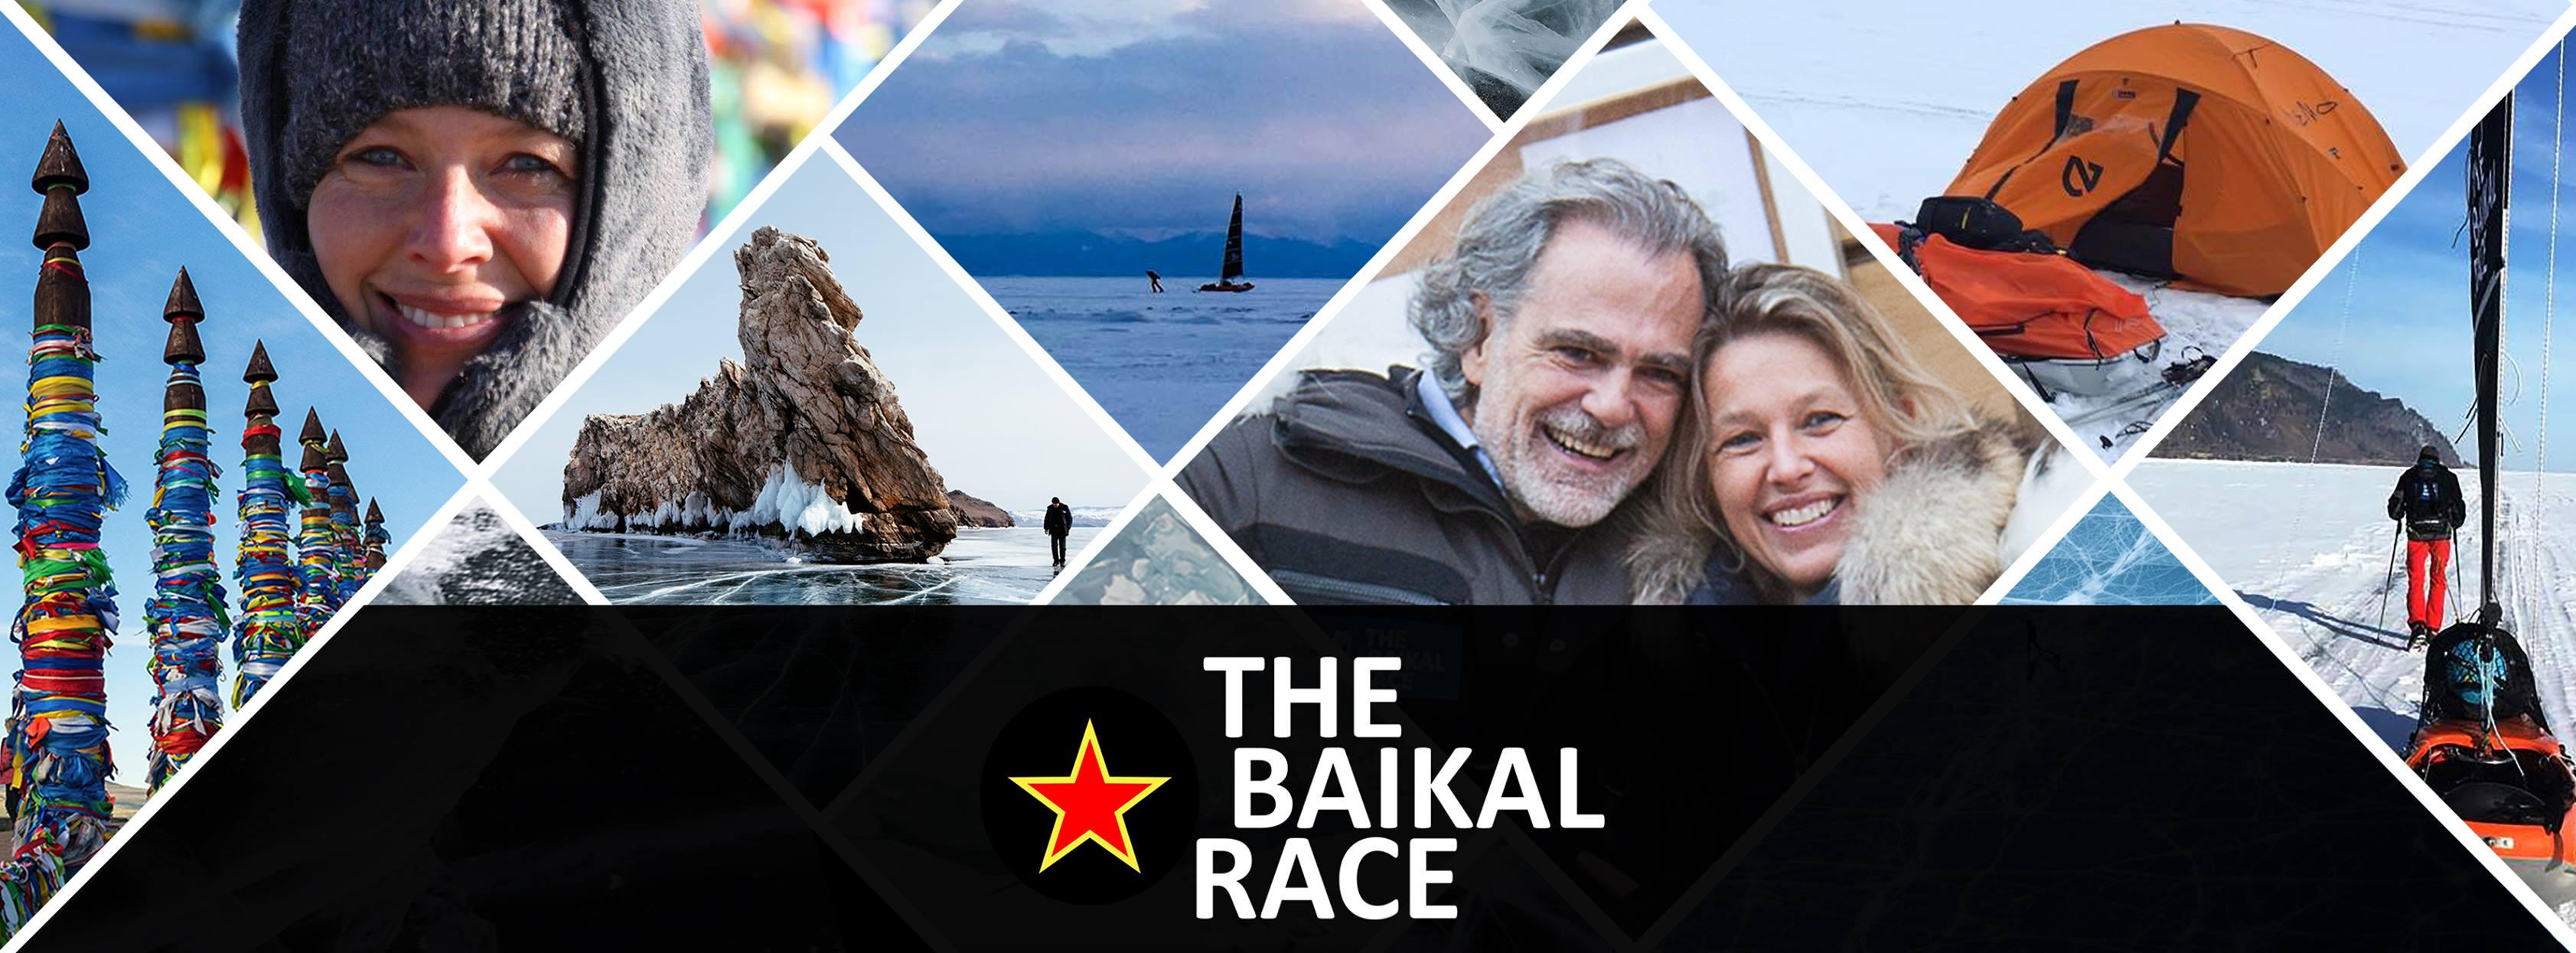 The Baikal Race